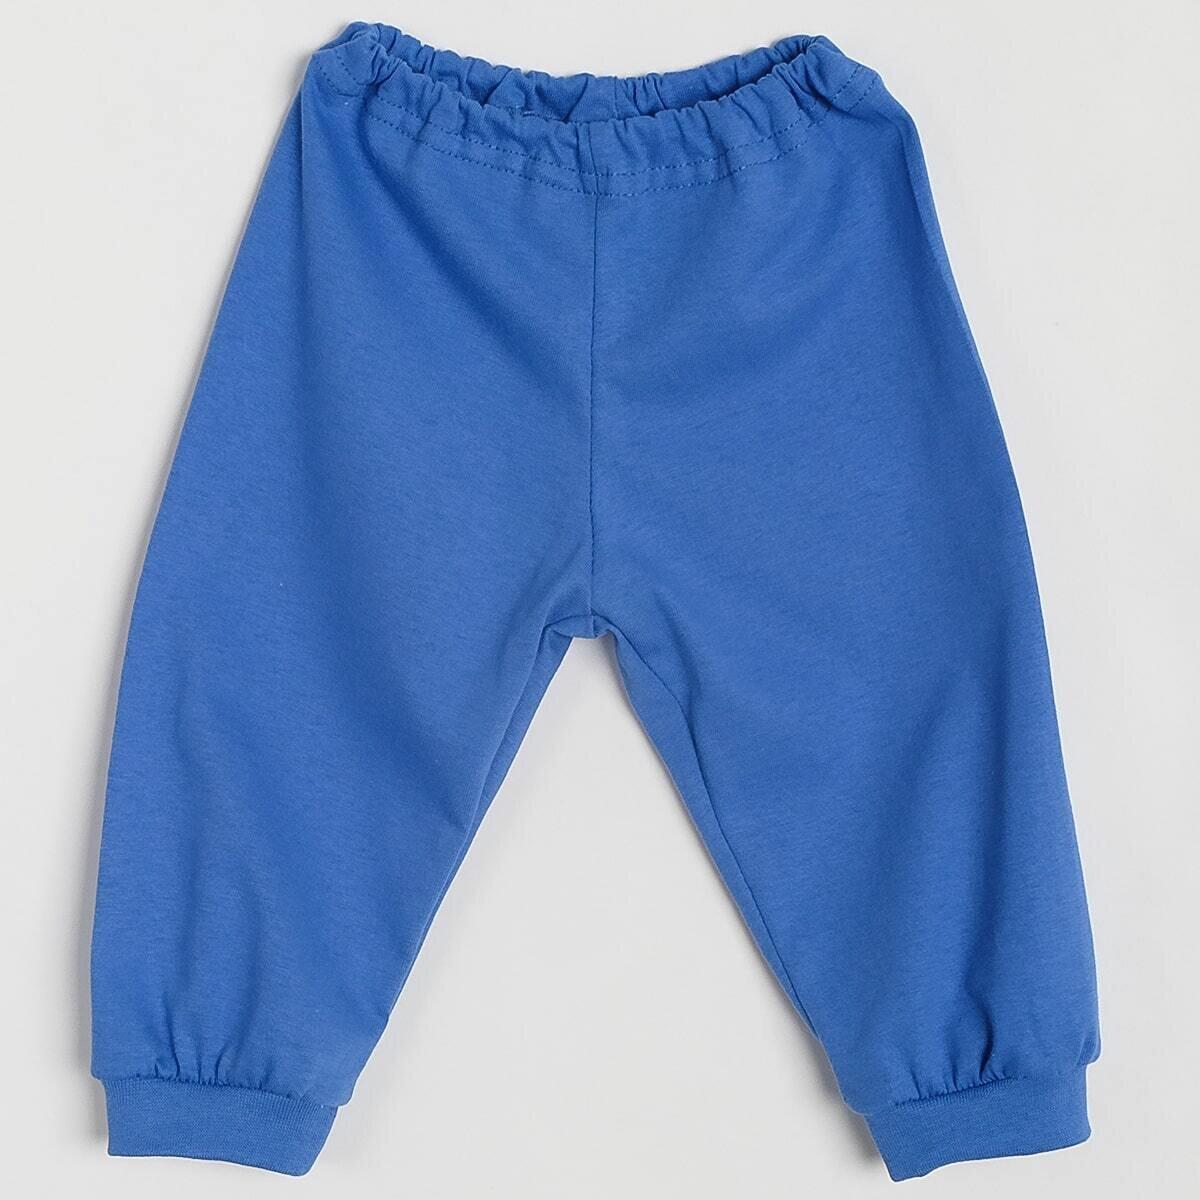 Штанишки на манжетах, тонкий трикотаж, синий